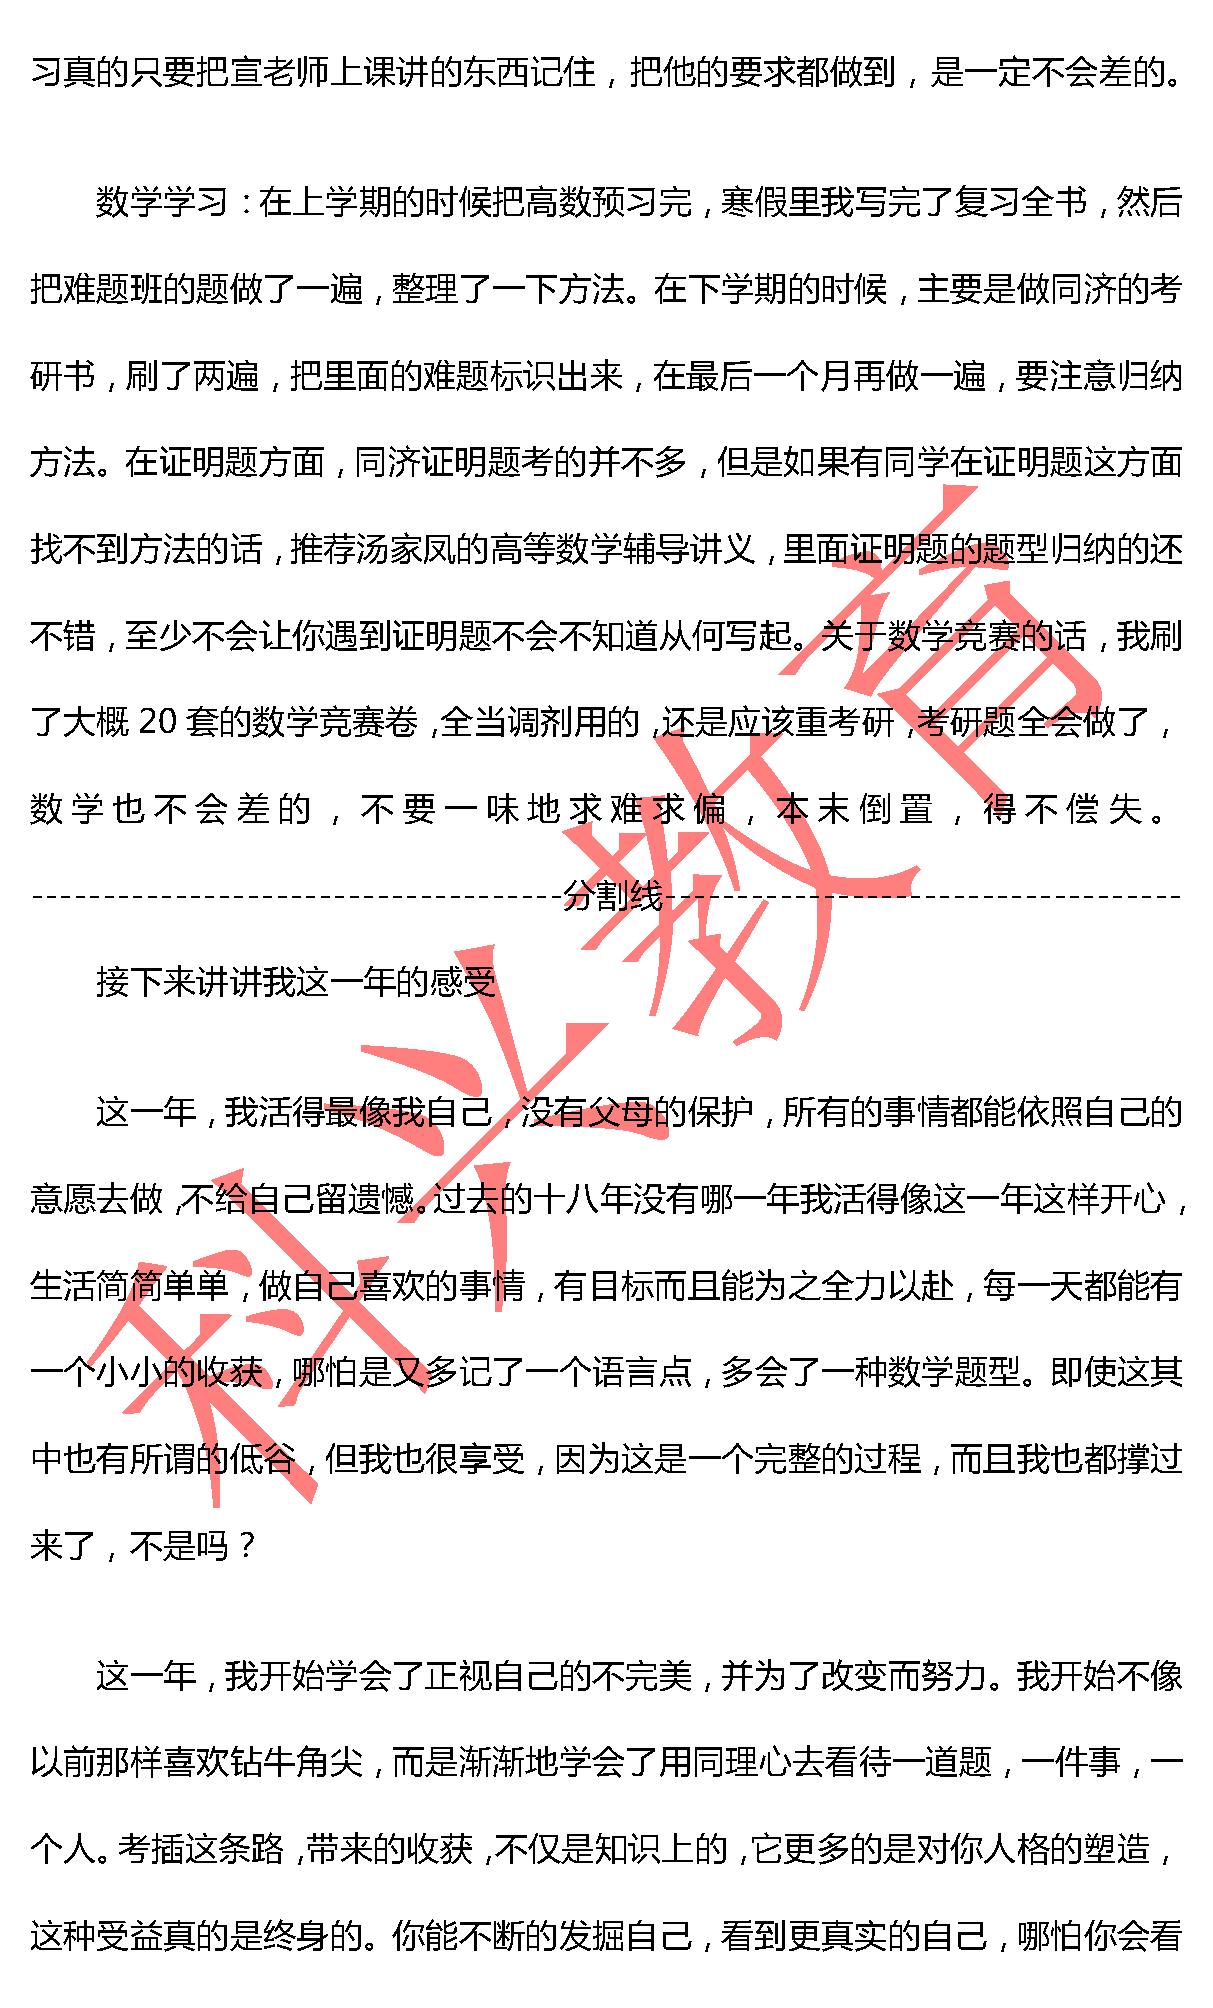 同济何彤:考插心得感悟(17届)